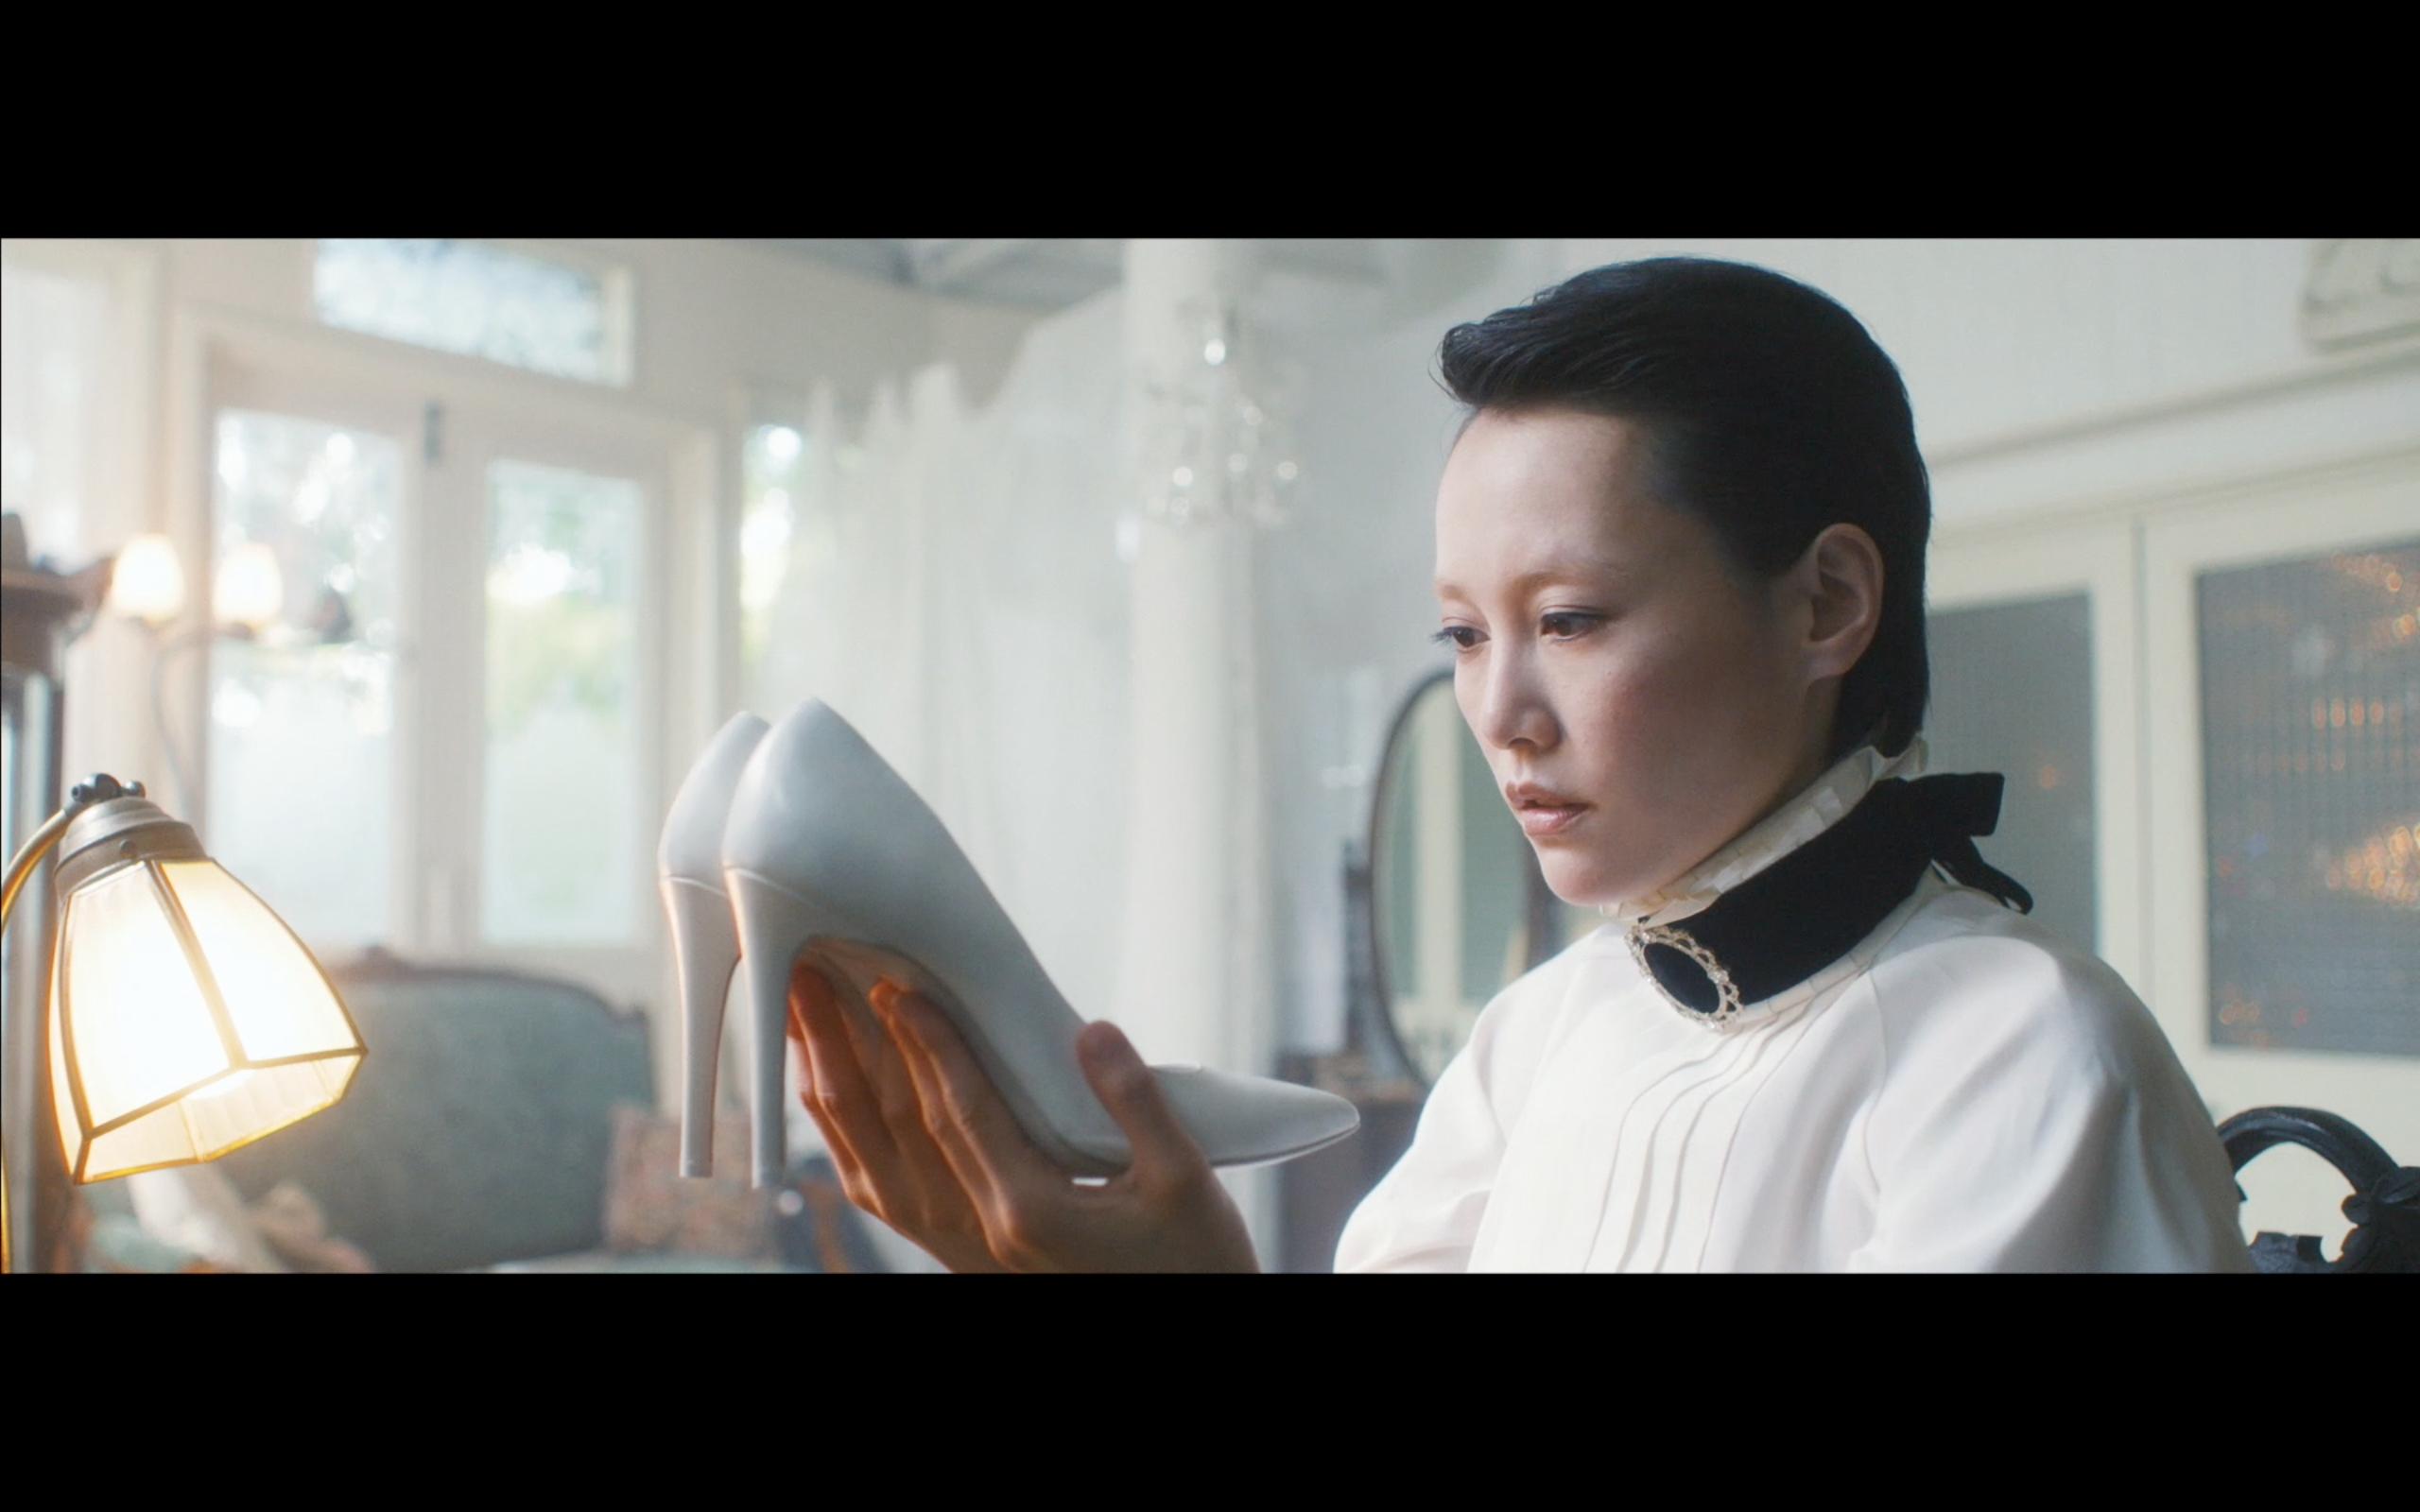 菊地凛子さん主演!「ハイヒール~こだわりが生んだおとぎ話」【今週のおすすめ映画】